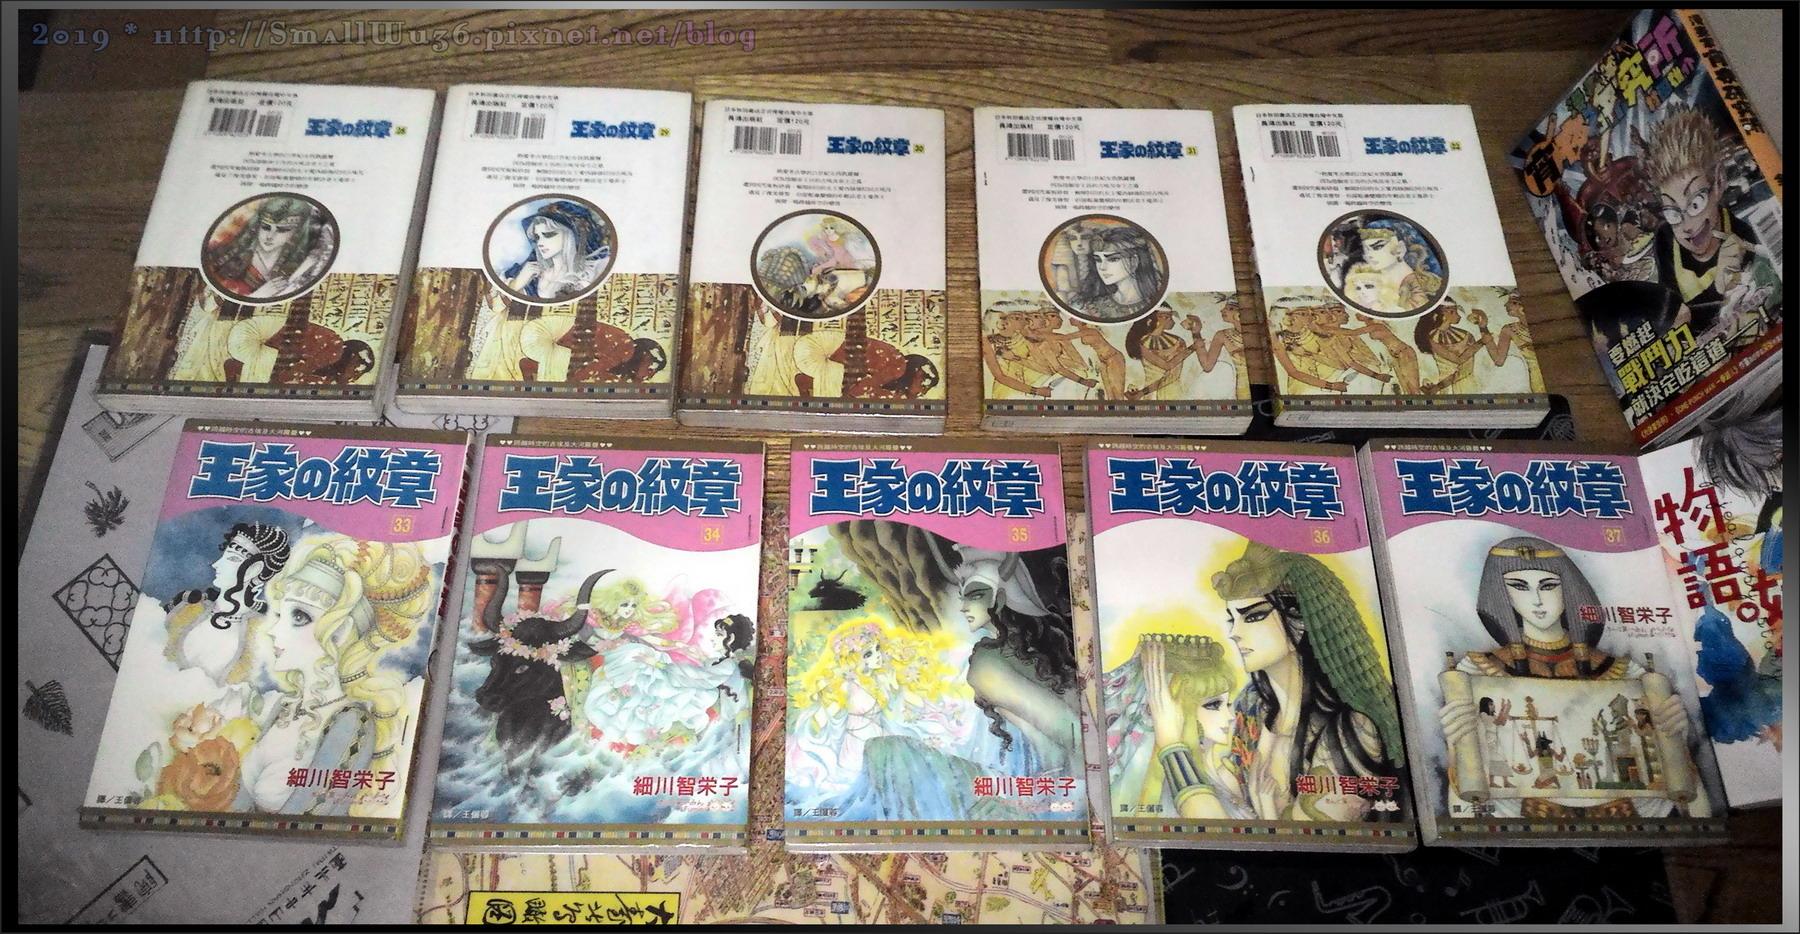 細川智榮子-王家的紋章(尼羅河女兒)  (長鴻)  vol_ 28-37 封面.jpg